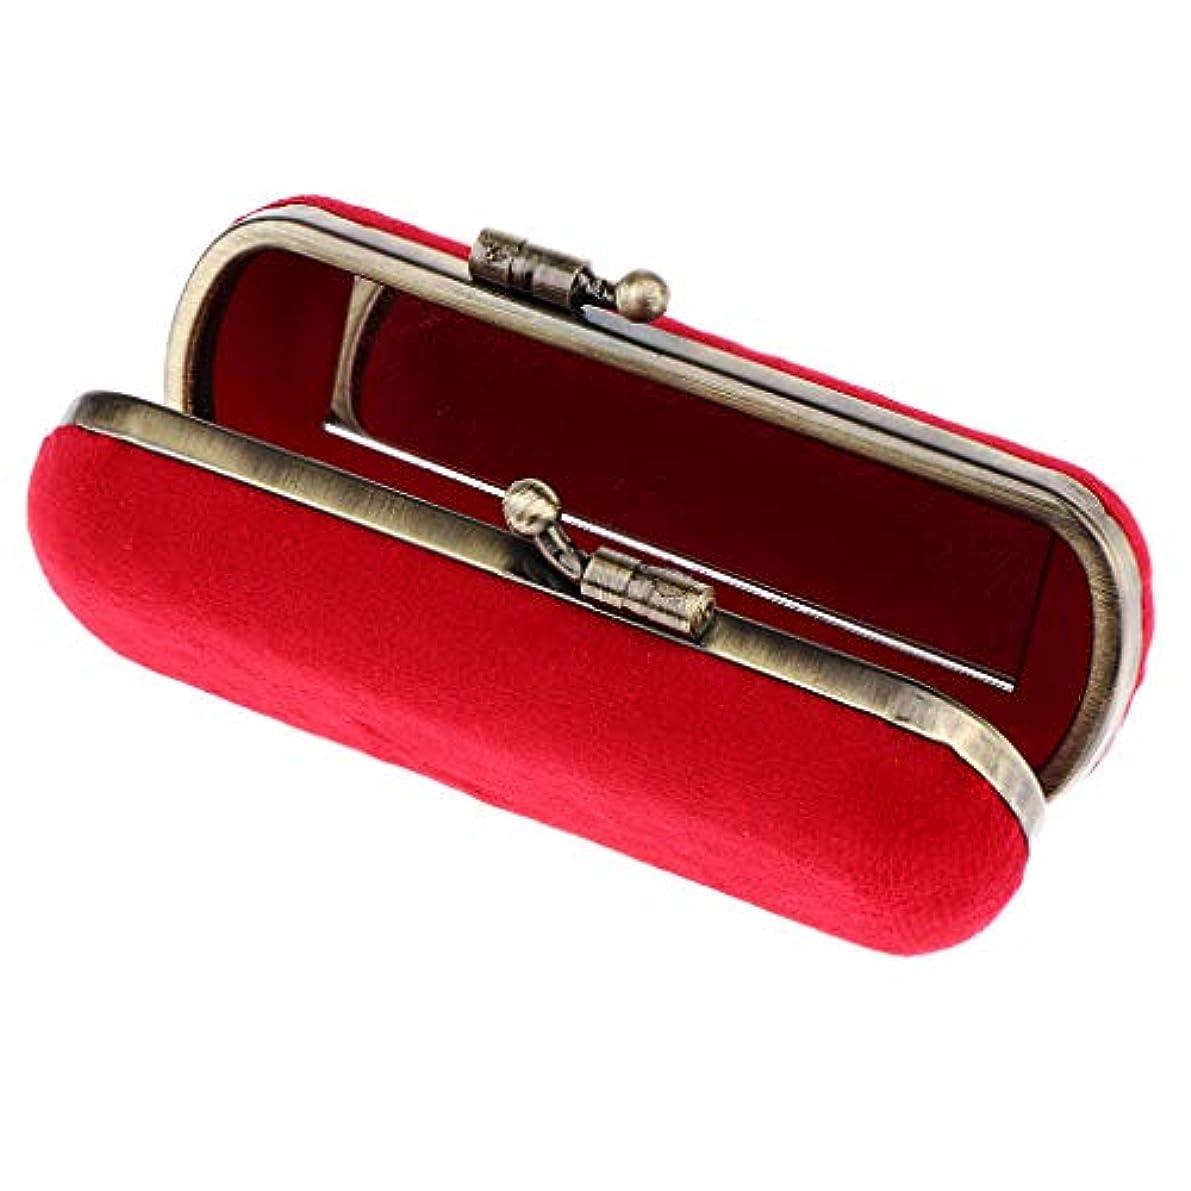 コントローラ廃棄する穿孔するCUTICATE 8色選ぶ ヴィンテージ 化粧ポーチ 口紅ホルダー ミラー付き リップグロスホルダー 化粧ケース - レッド